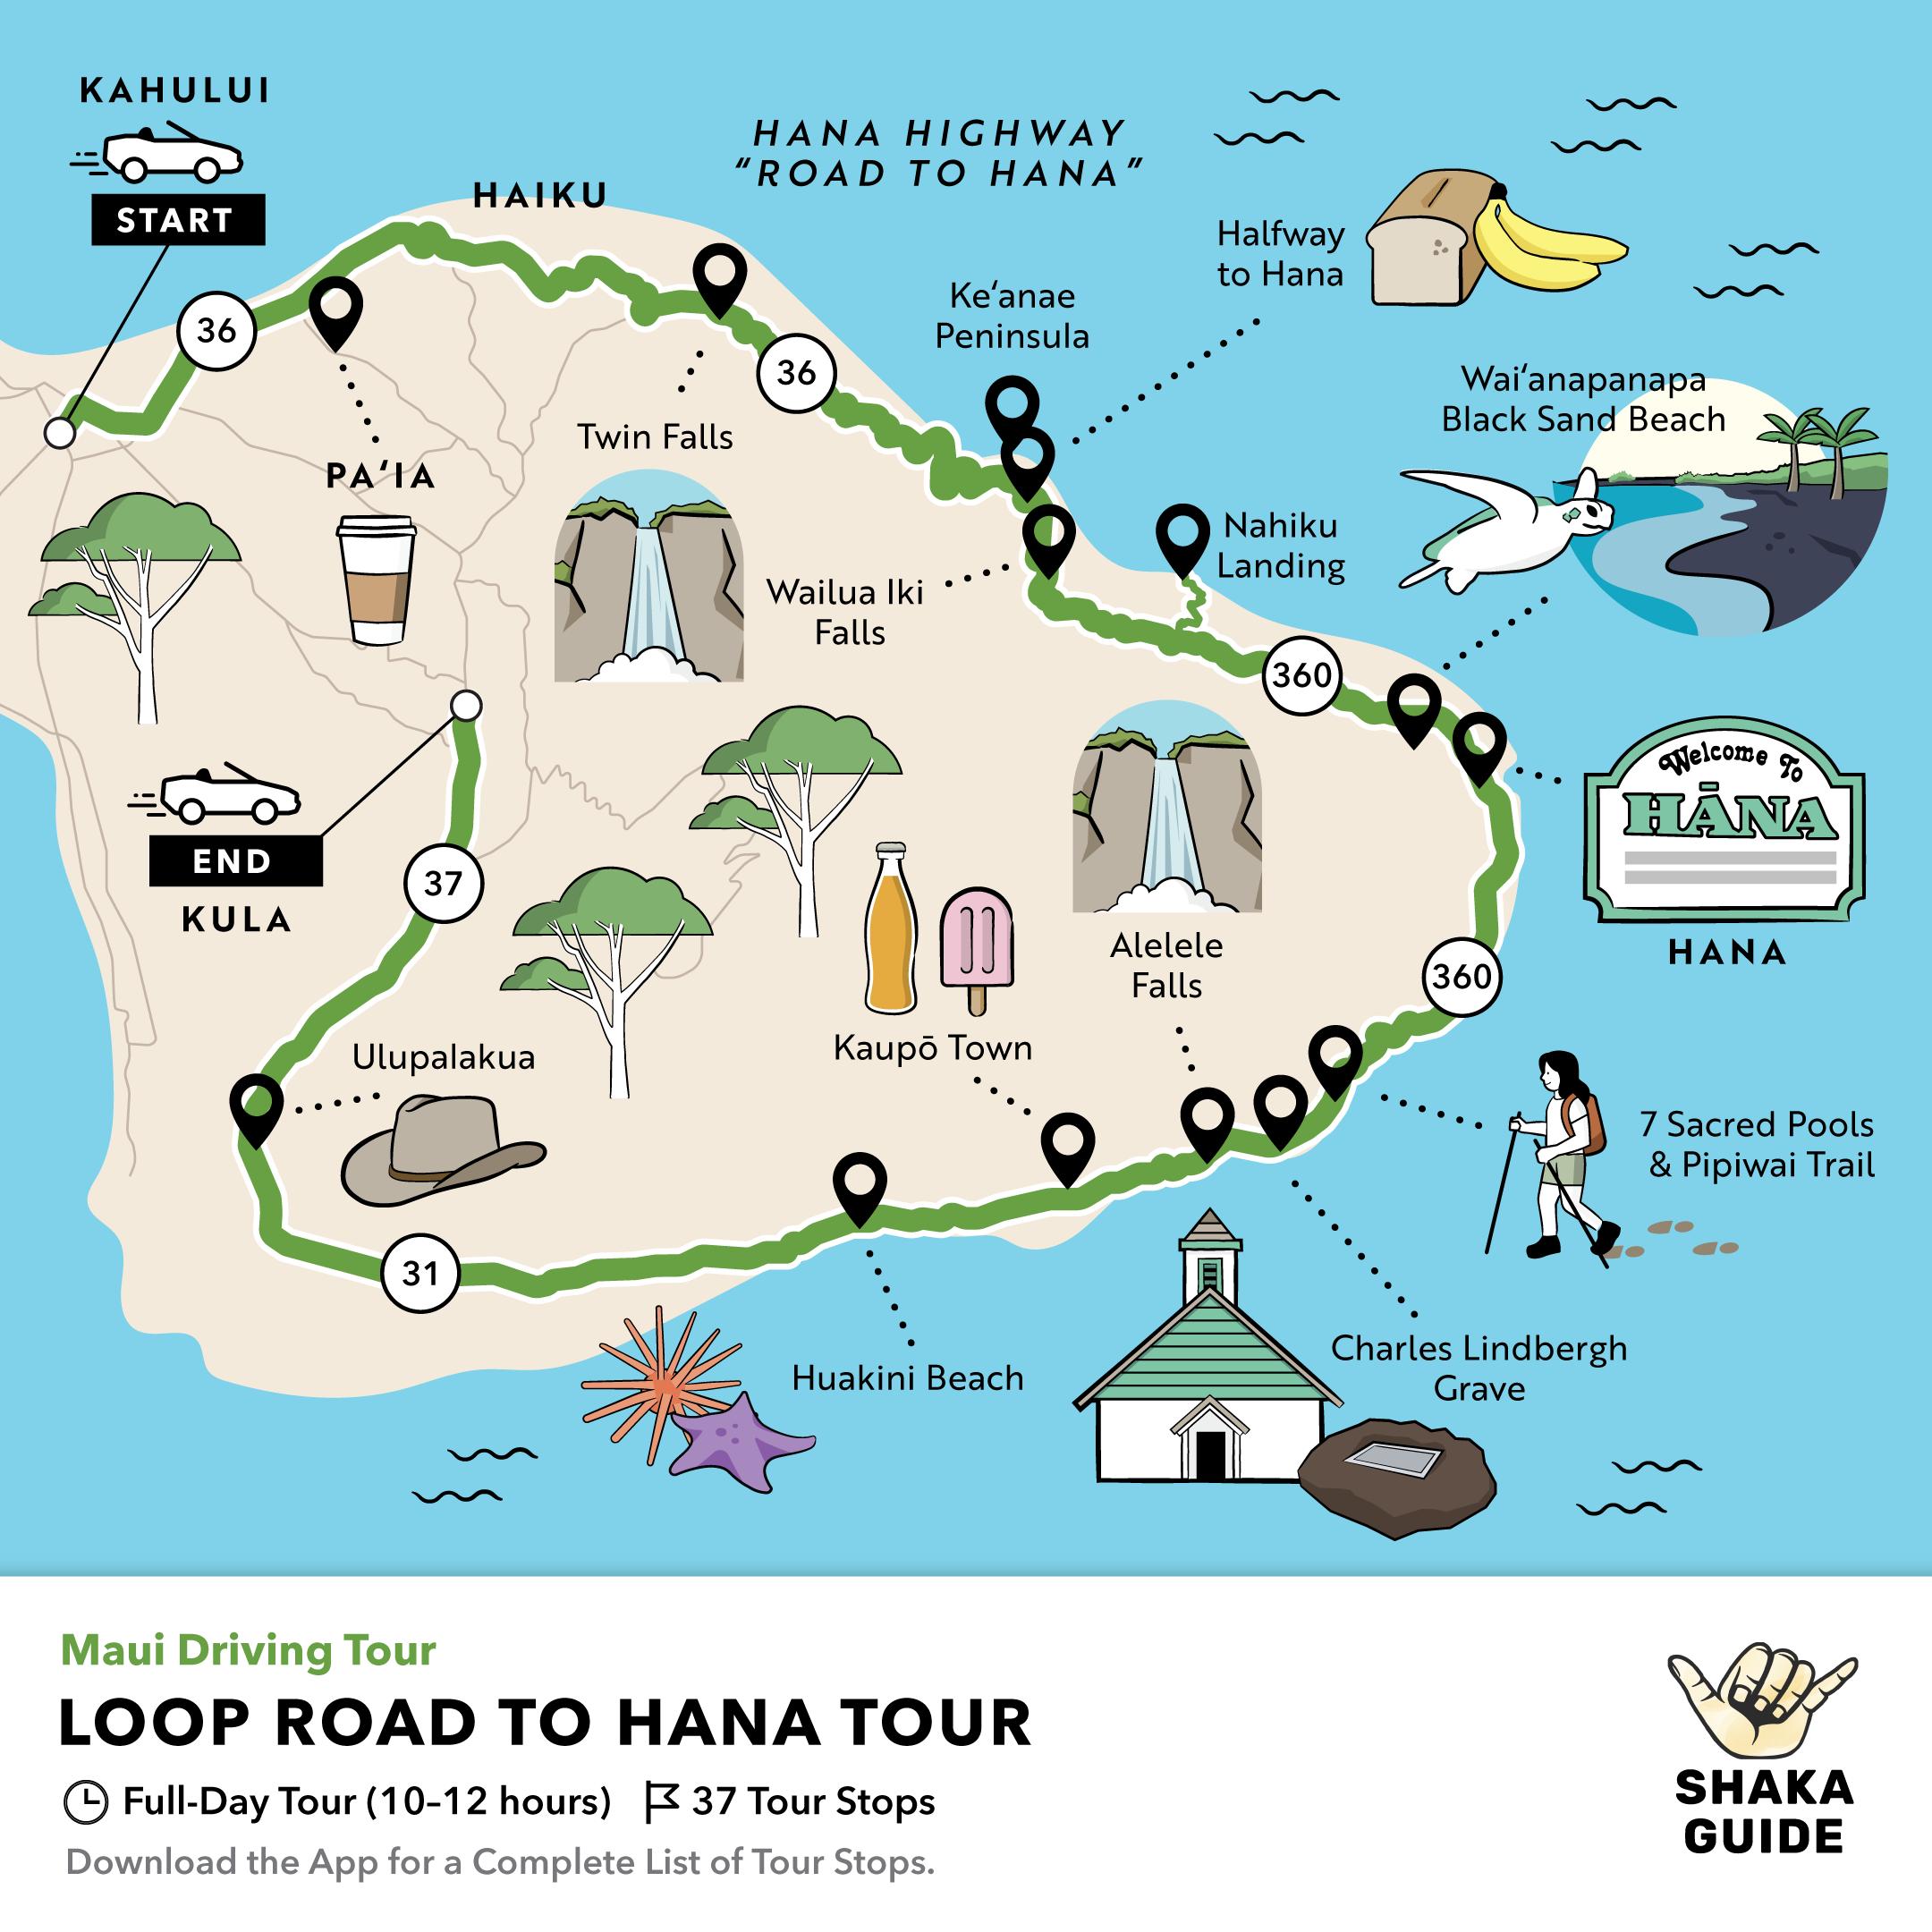 Shaka Guide's Loop Road to Hana Driving Tour, Shaka Guide Road to Hana Driving Tour Comparison